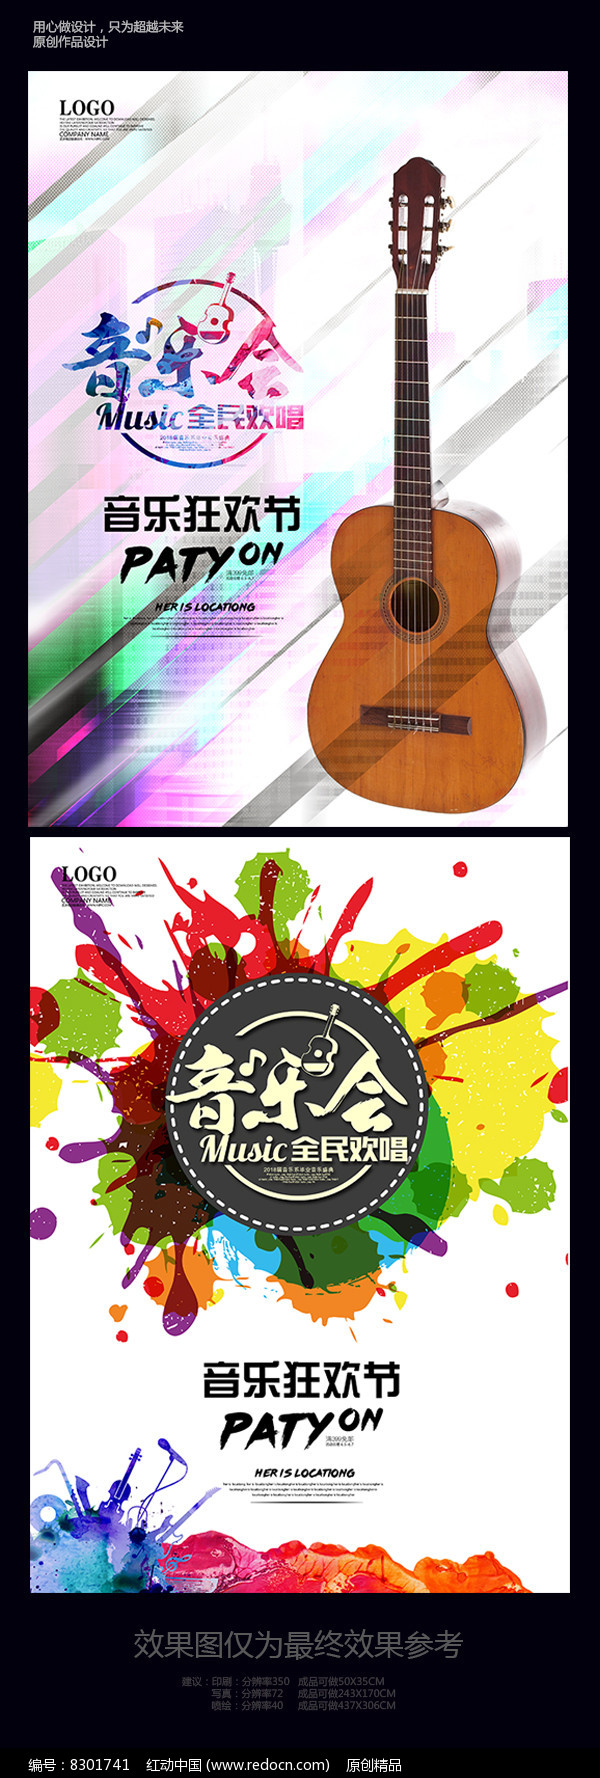 创意音乐海报设计图片